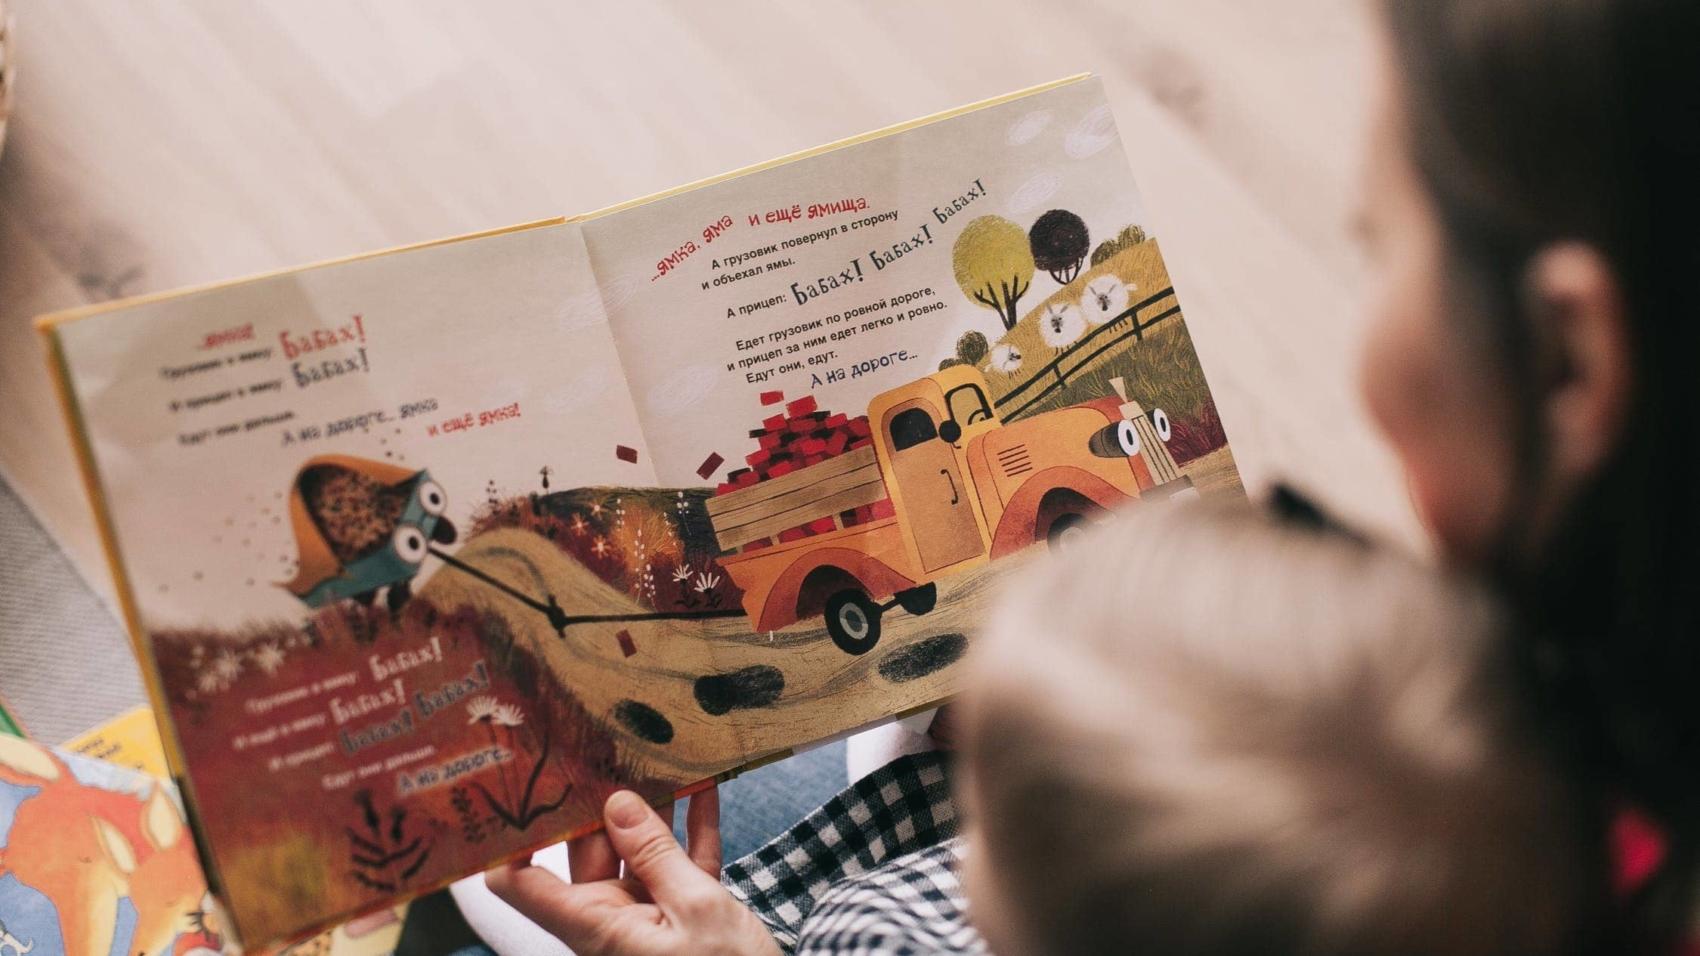 20 Unique Children's Picture Books For a Confident Mindset